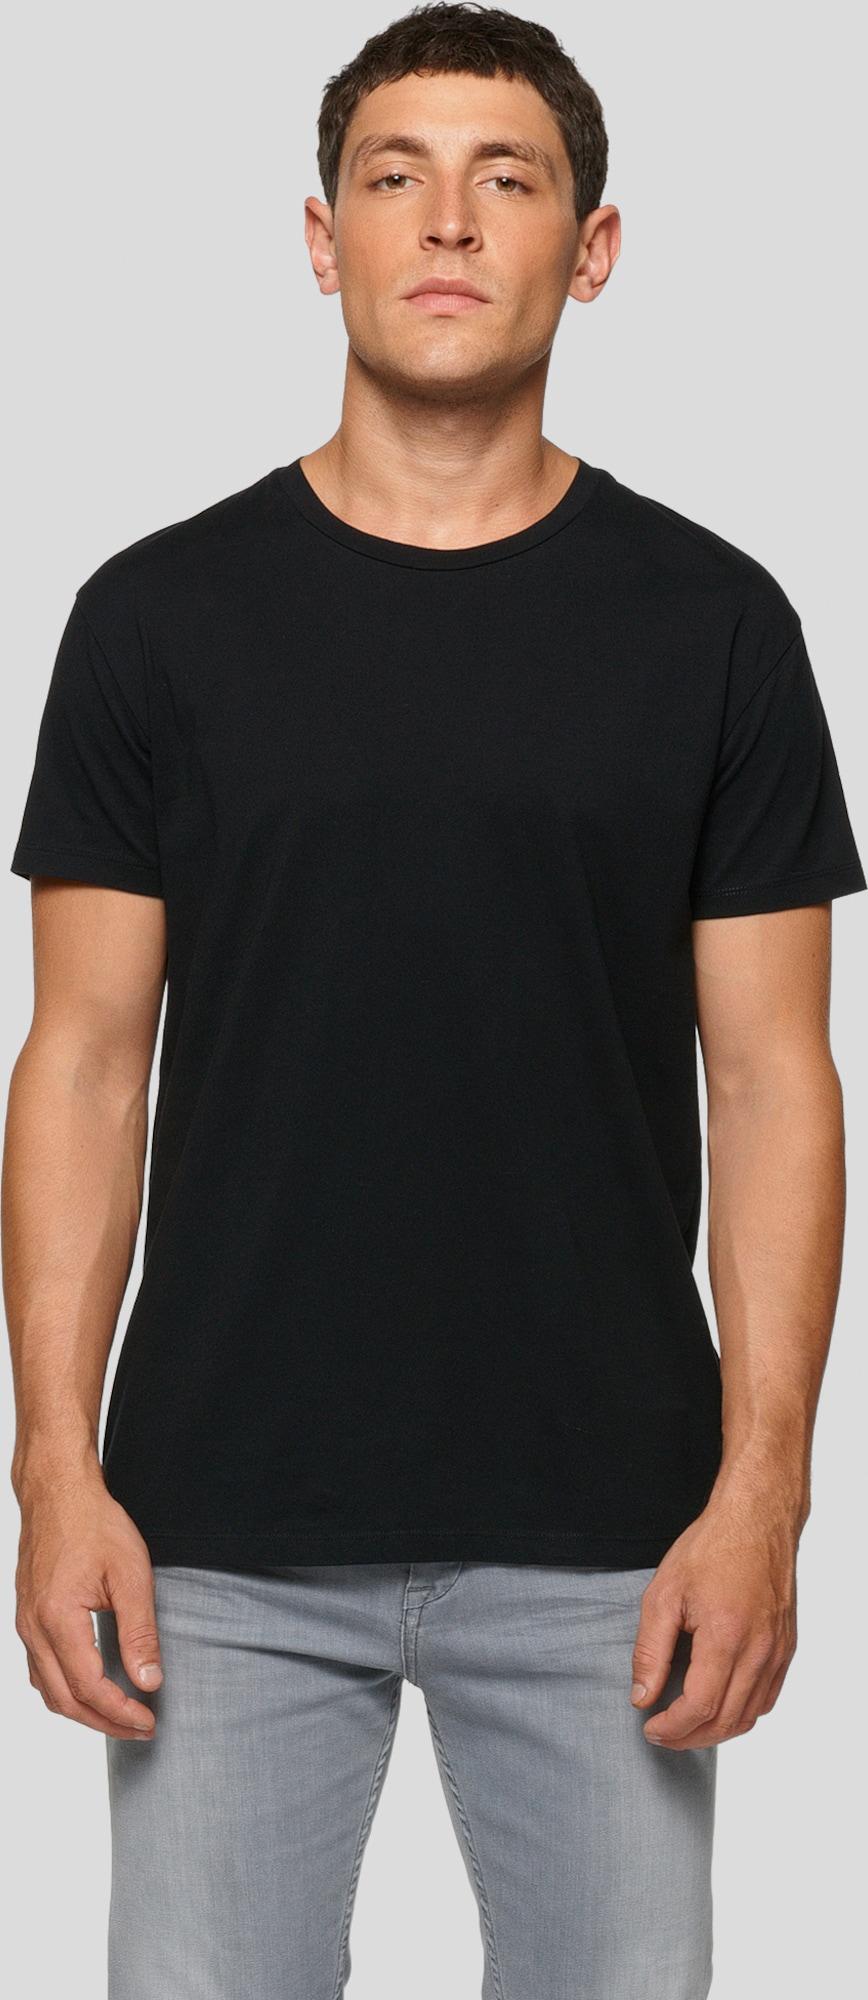 Samsoe samsoe t shirt 39 kronos 39 in schwarz about you for Design couchtisch kronos schwarz